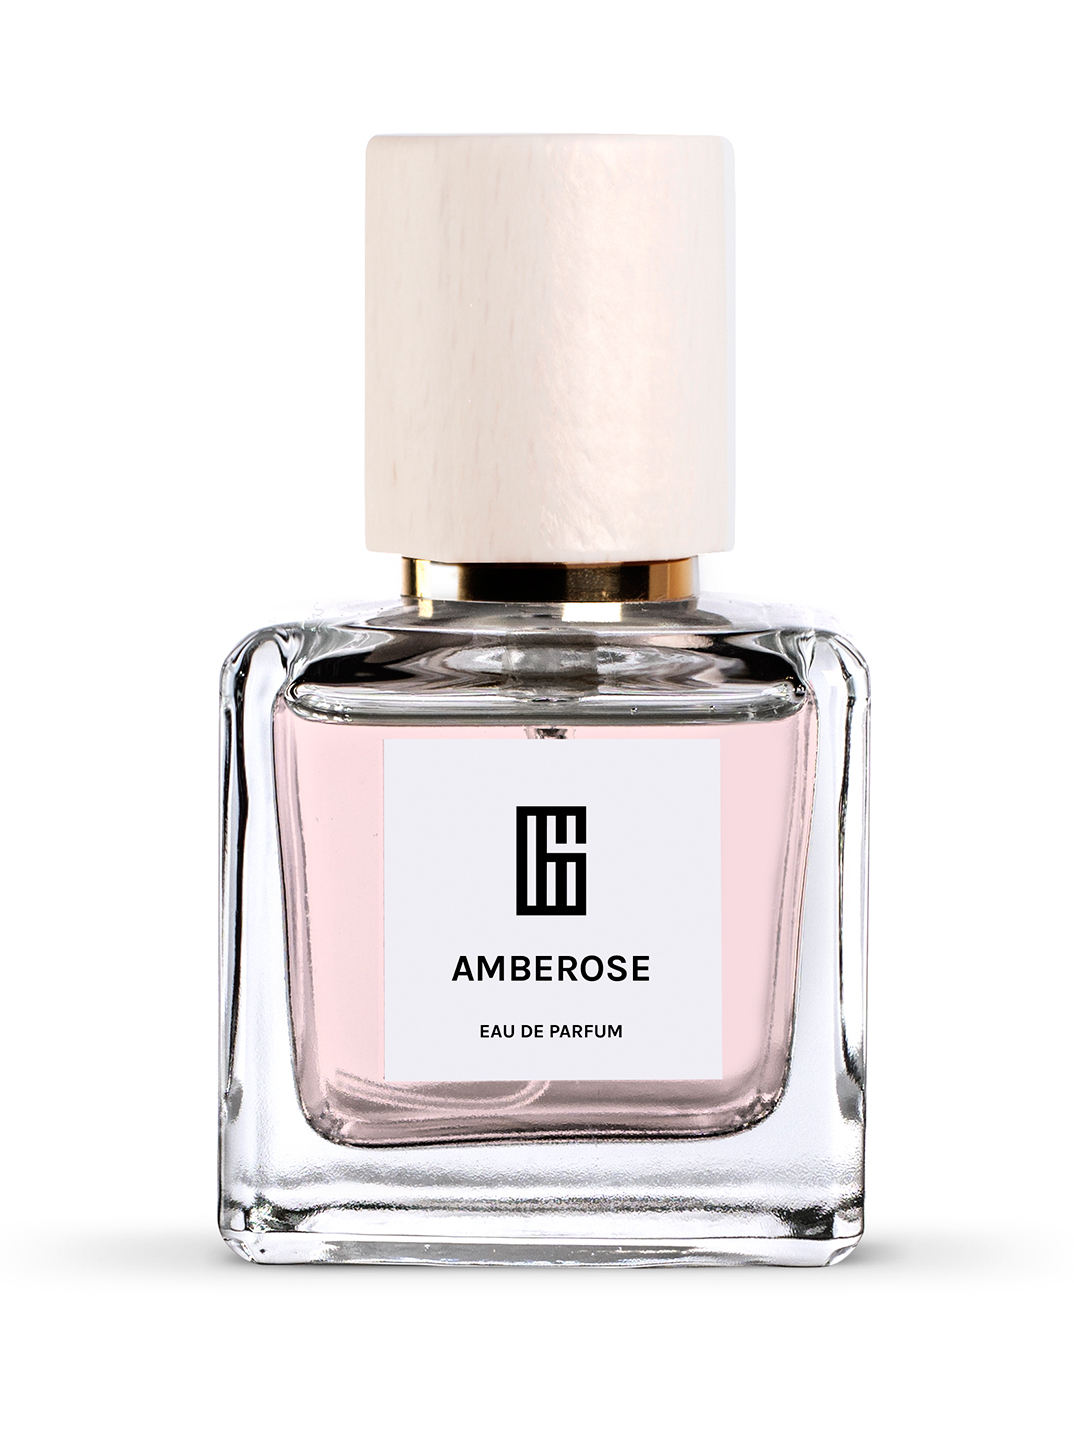 amberose g parfums parfum un nouveau parfum pour femme 2015. Black Bedroom Furniture Sets. Home Design Ideas